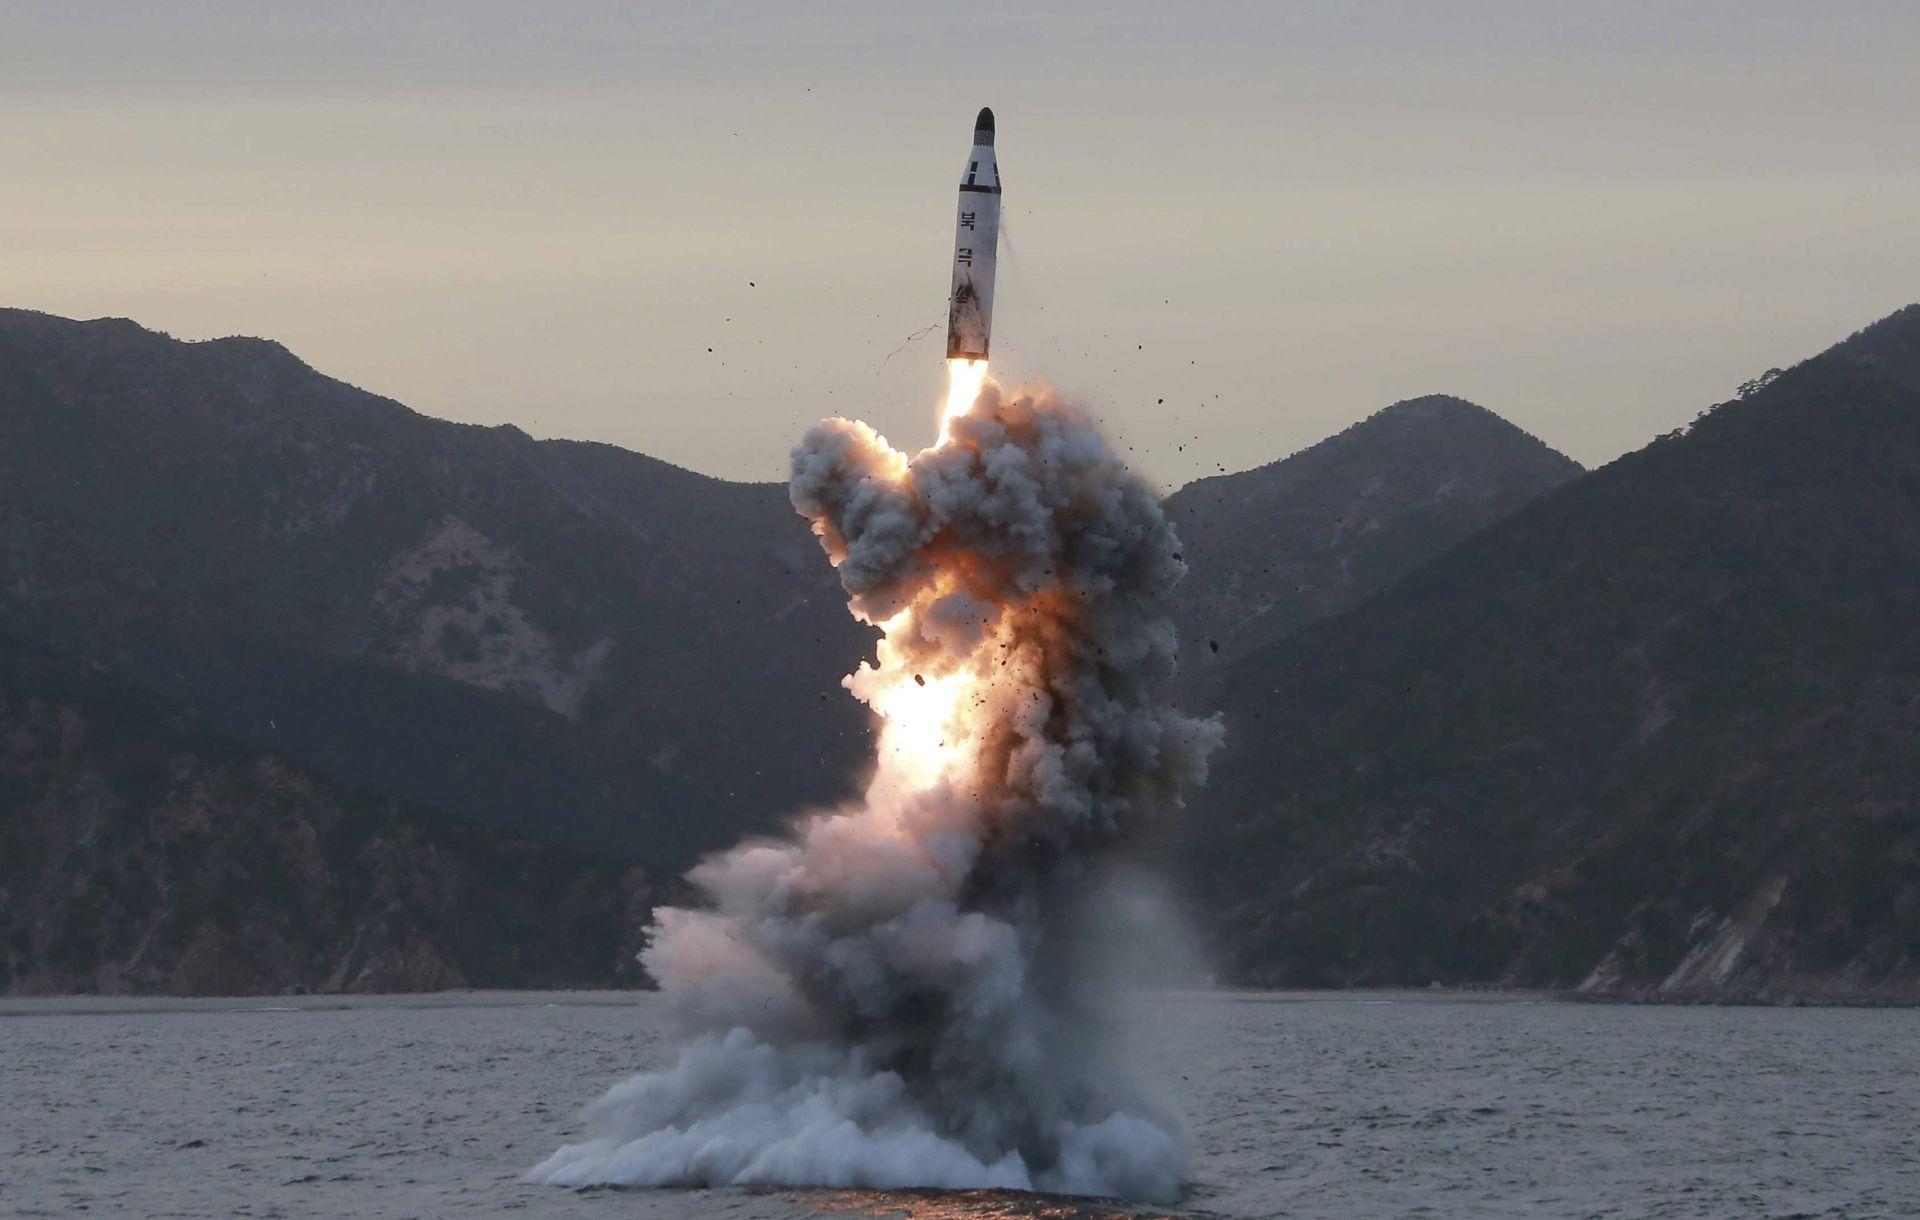 Sjeverna Koreja spremna za još jedan nuklearni test